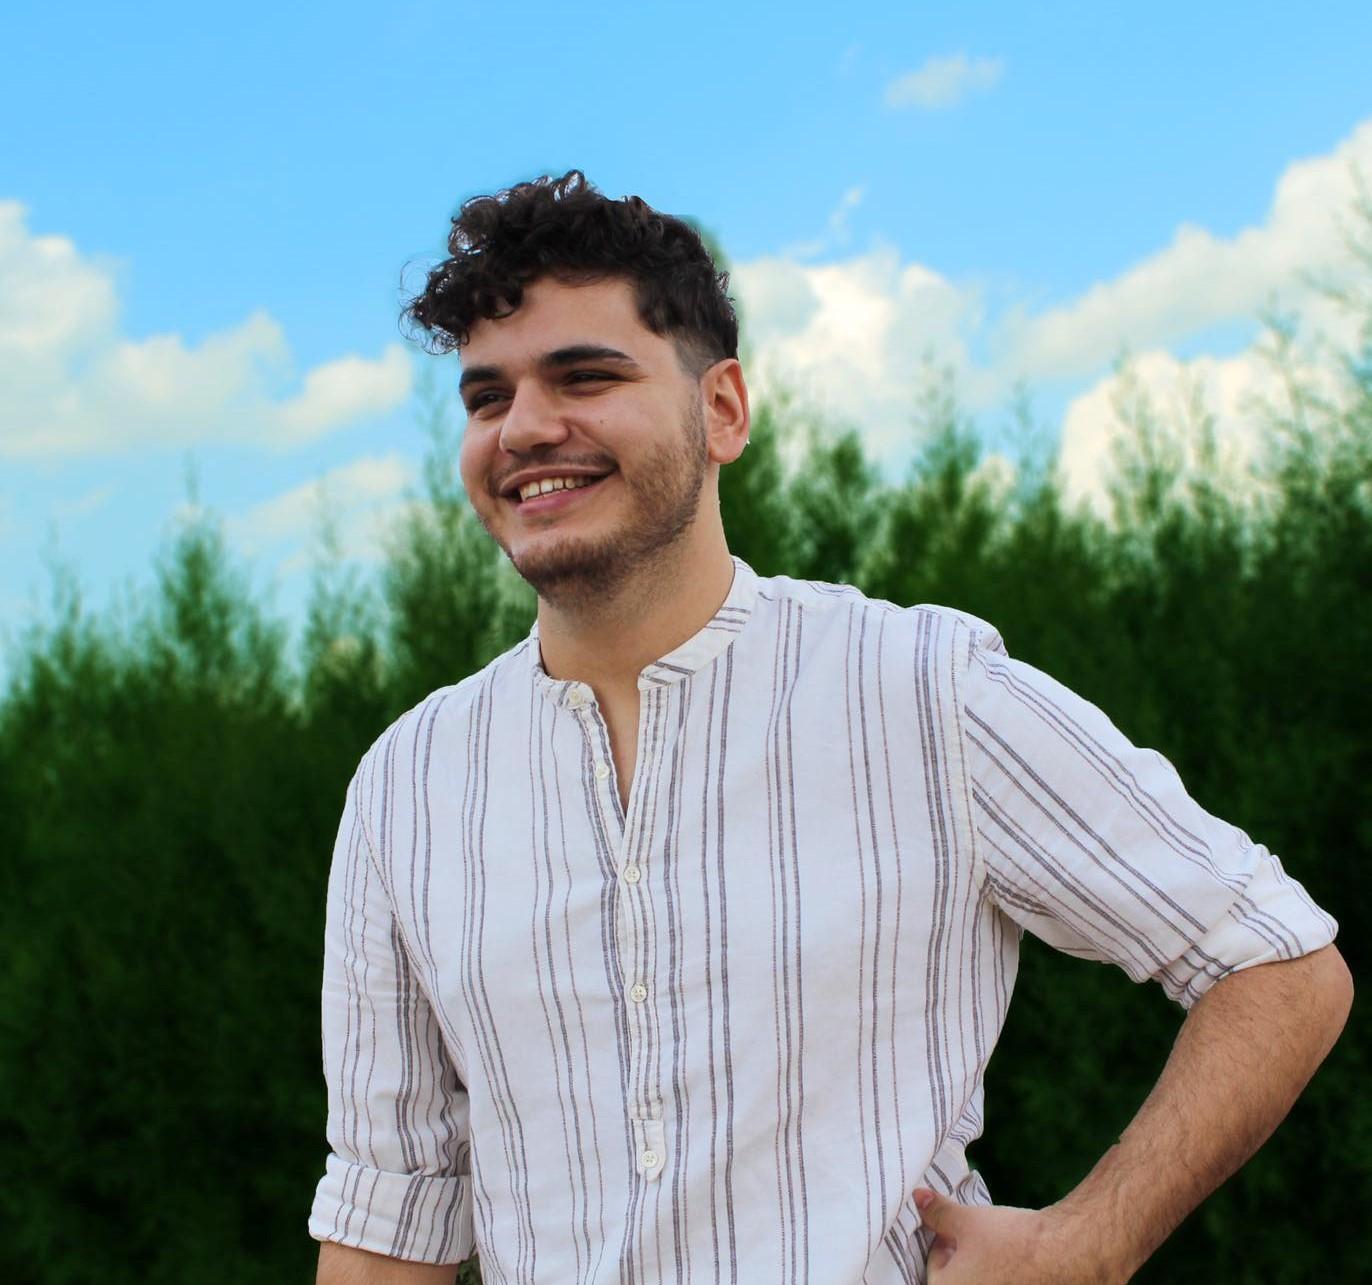 Profile picture of Giorgos